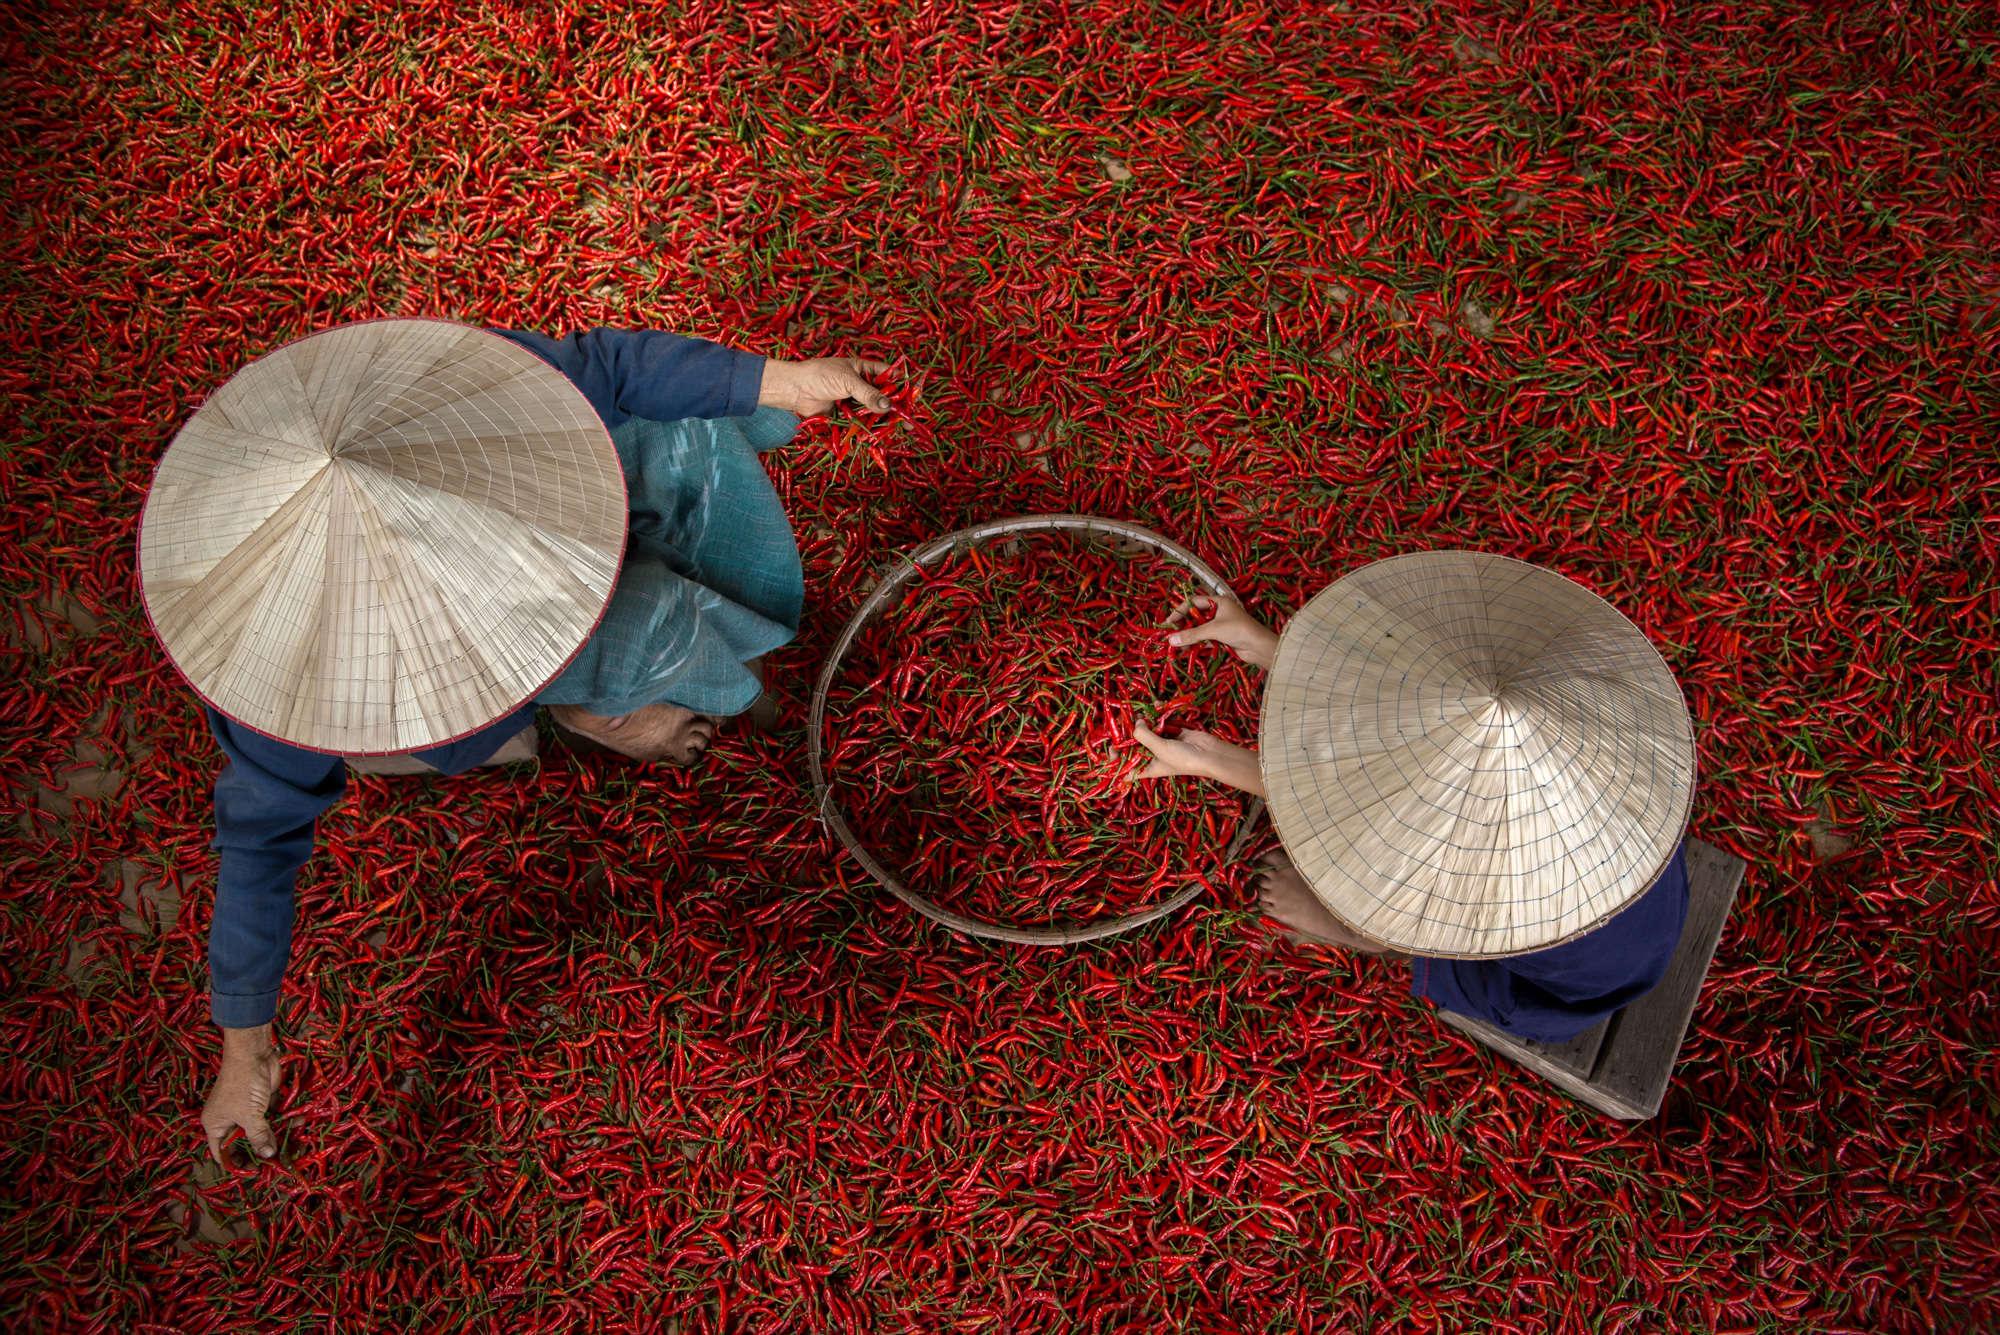 Sarawut Intarob - Red Hot